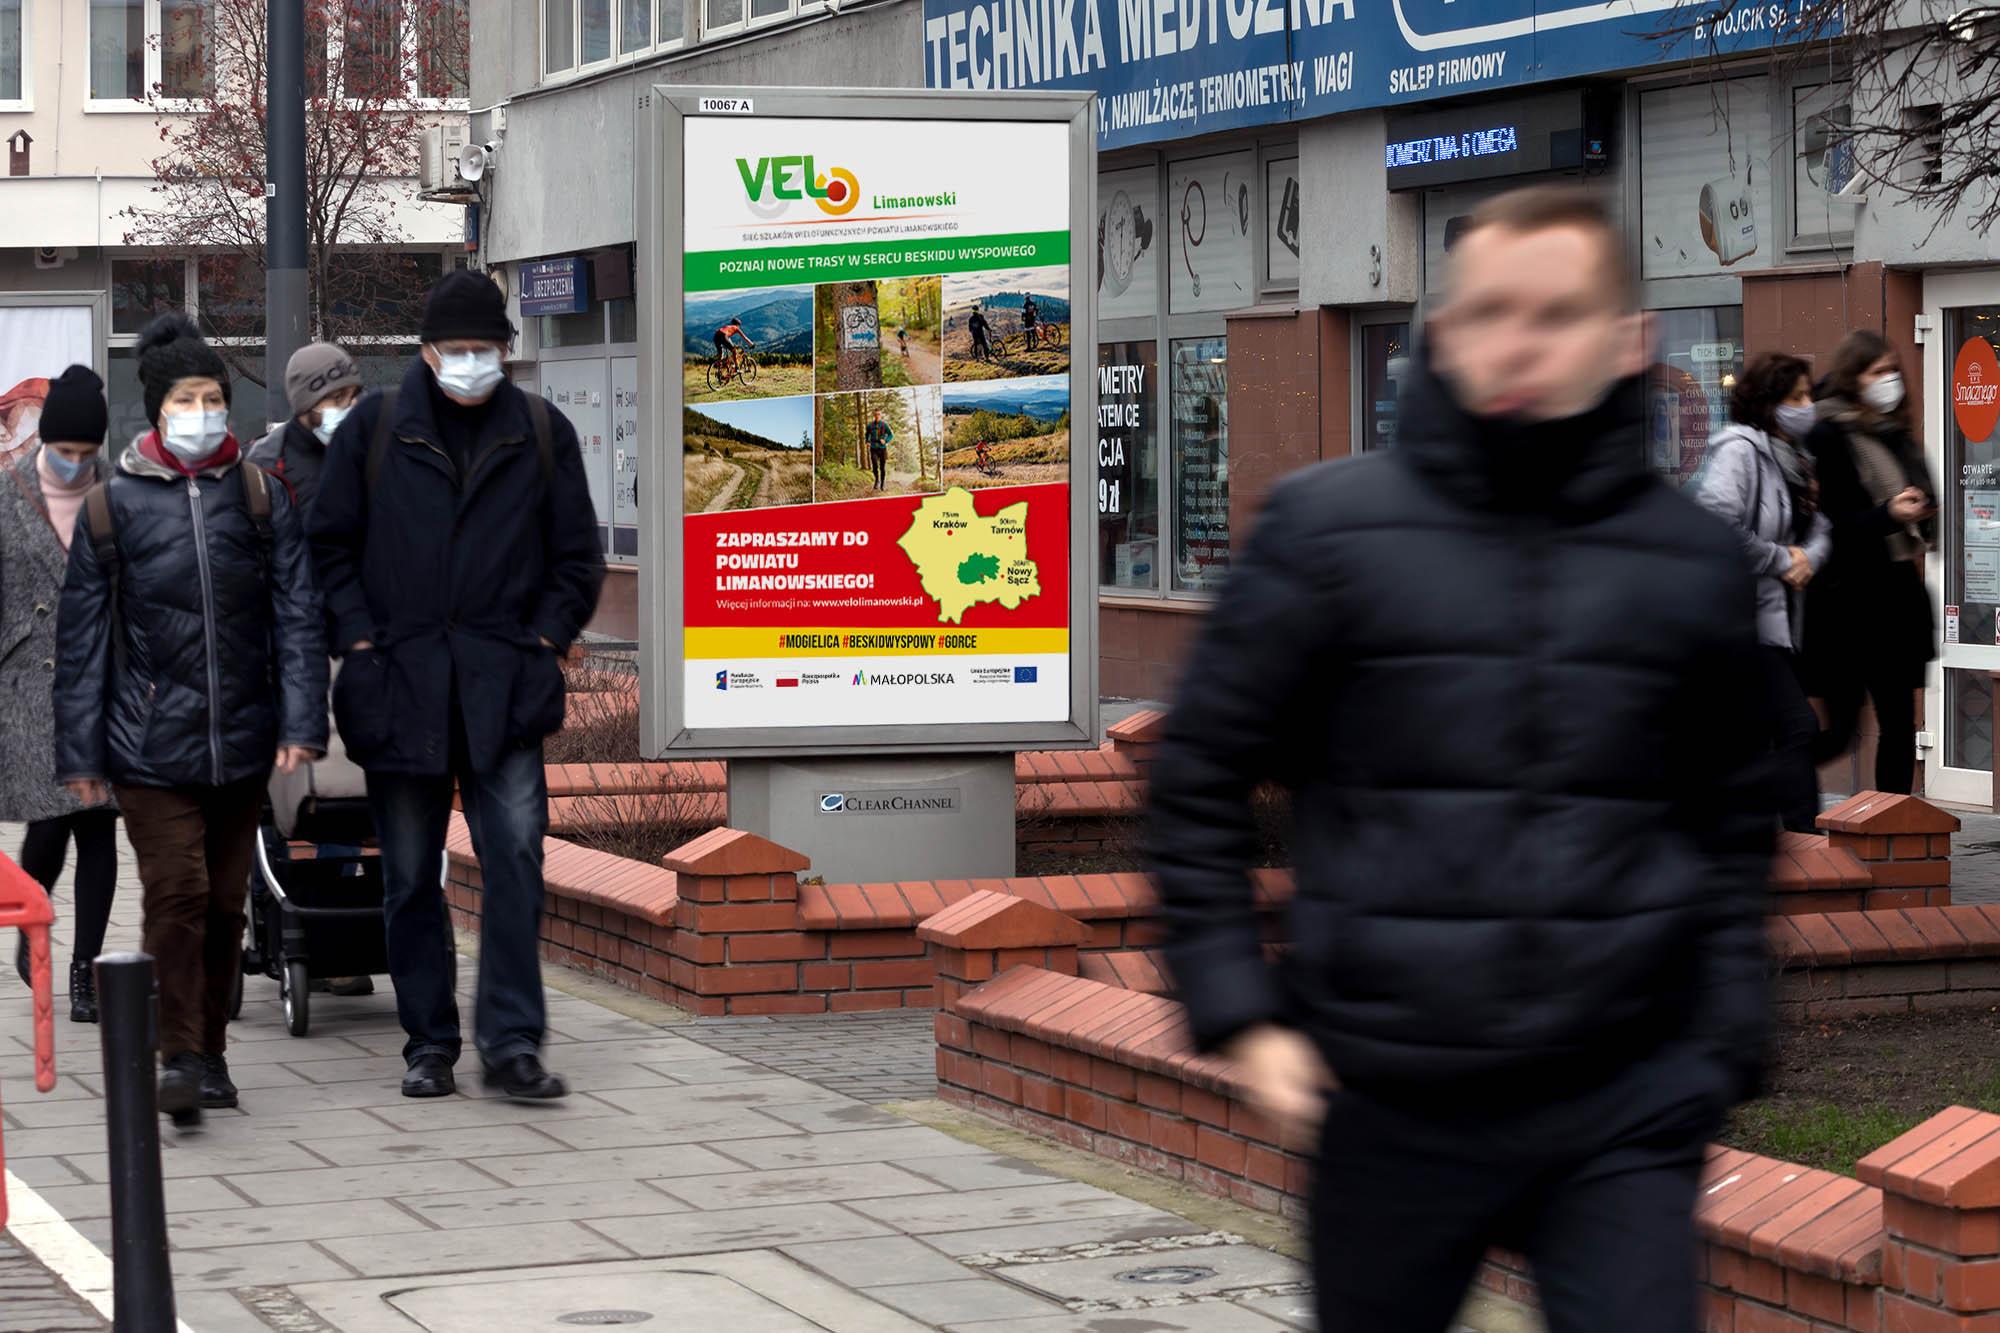 """Nowe szlaki turystyczne """"VELO Limanowski"""" promowane na ulicach Krakowa i Warszawy - zdjęcie główne"""